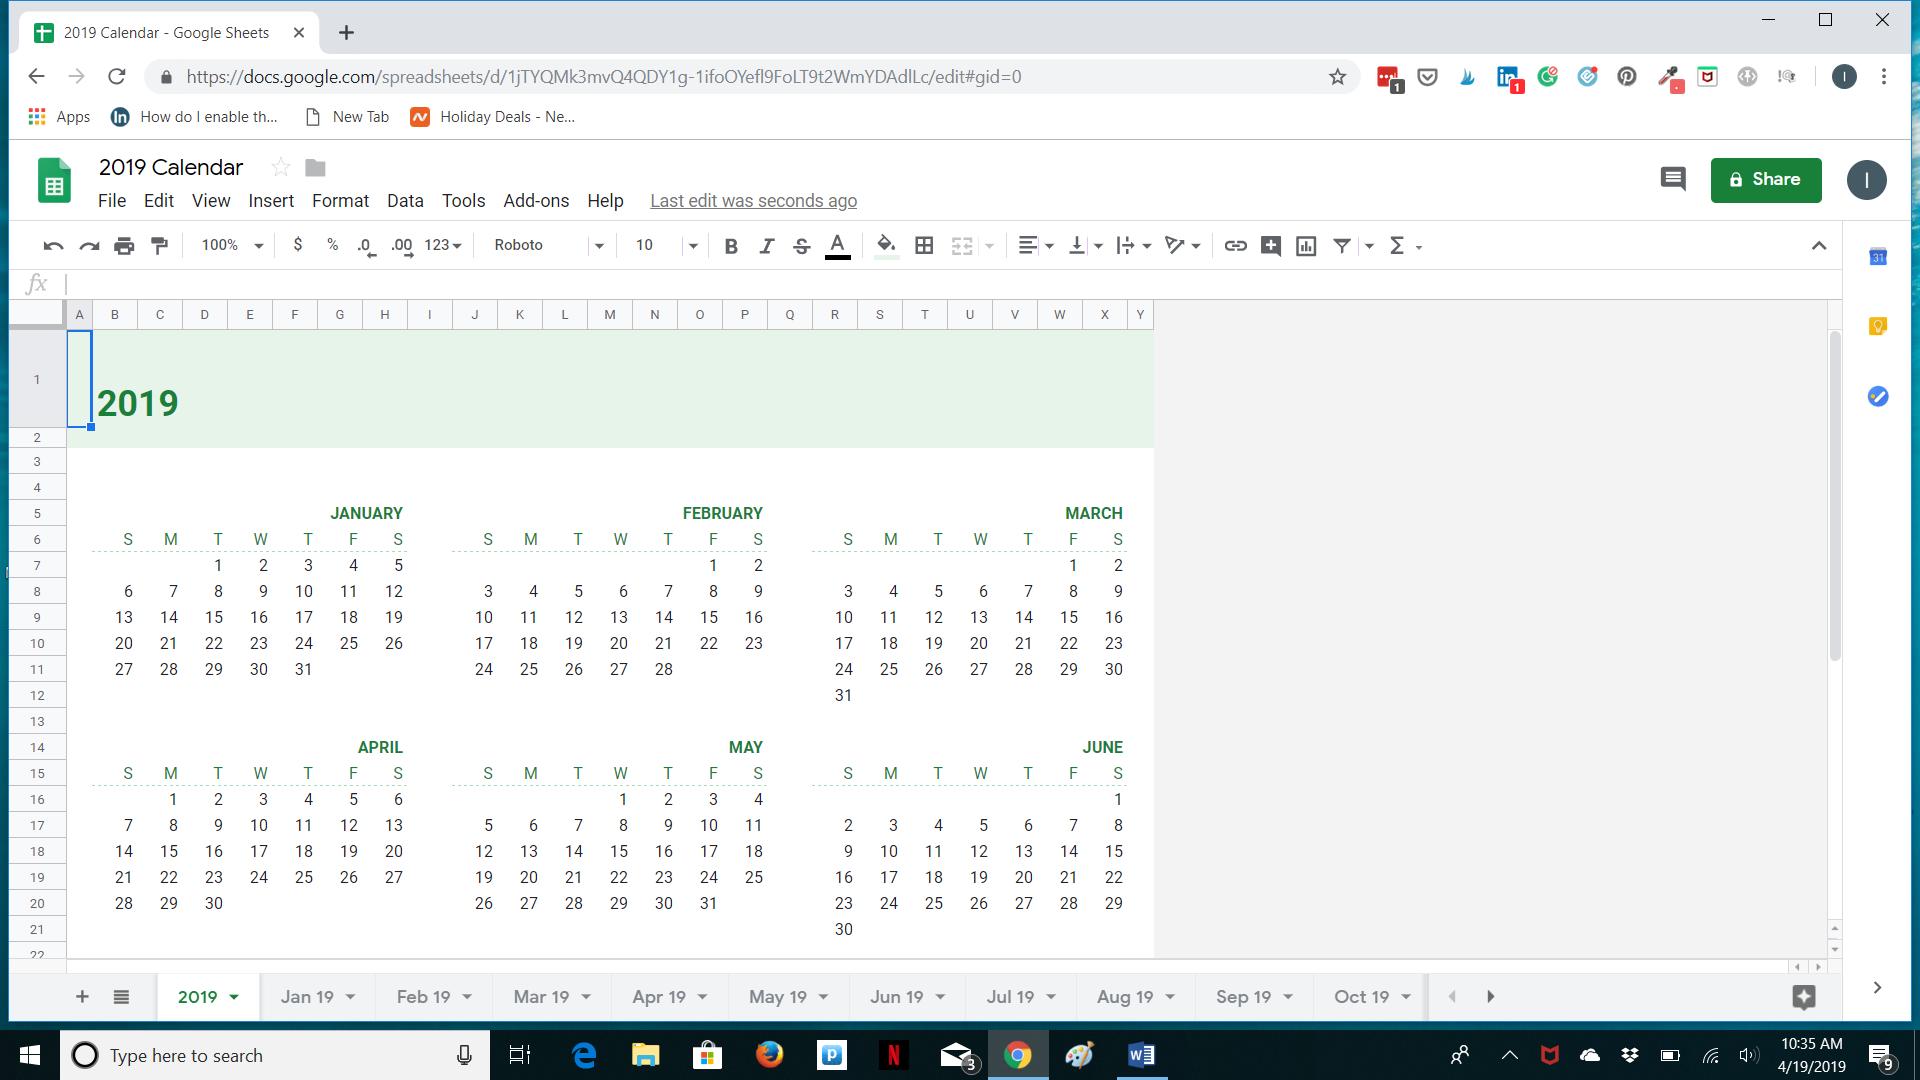 Google Sheets Calendar Management